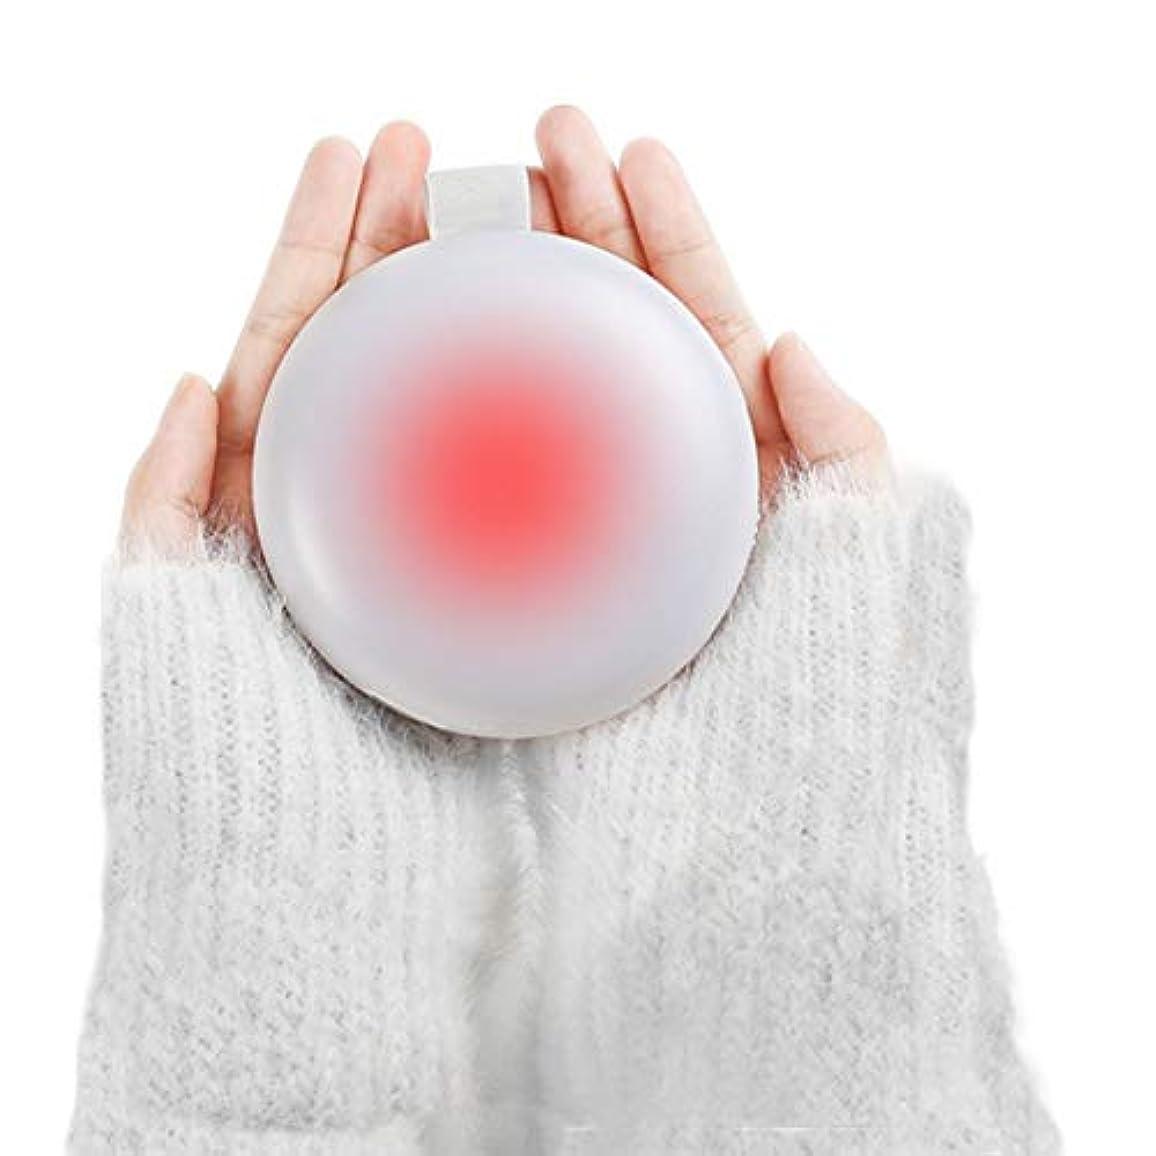 合併エアコンガチョウ女性の男性のための冬の充電式ハンドウォーマー5000mAに電源銀行電動ハンドウォーマー両面暖房ポータブルUSBモバイル外部バッテリーチャージャーベストギフト